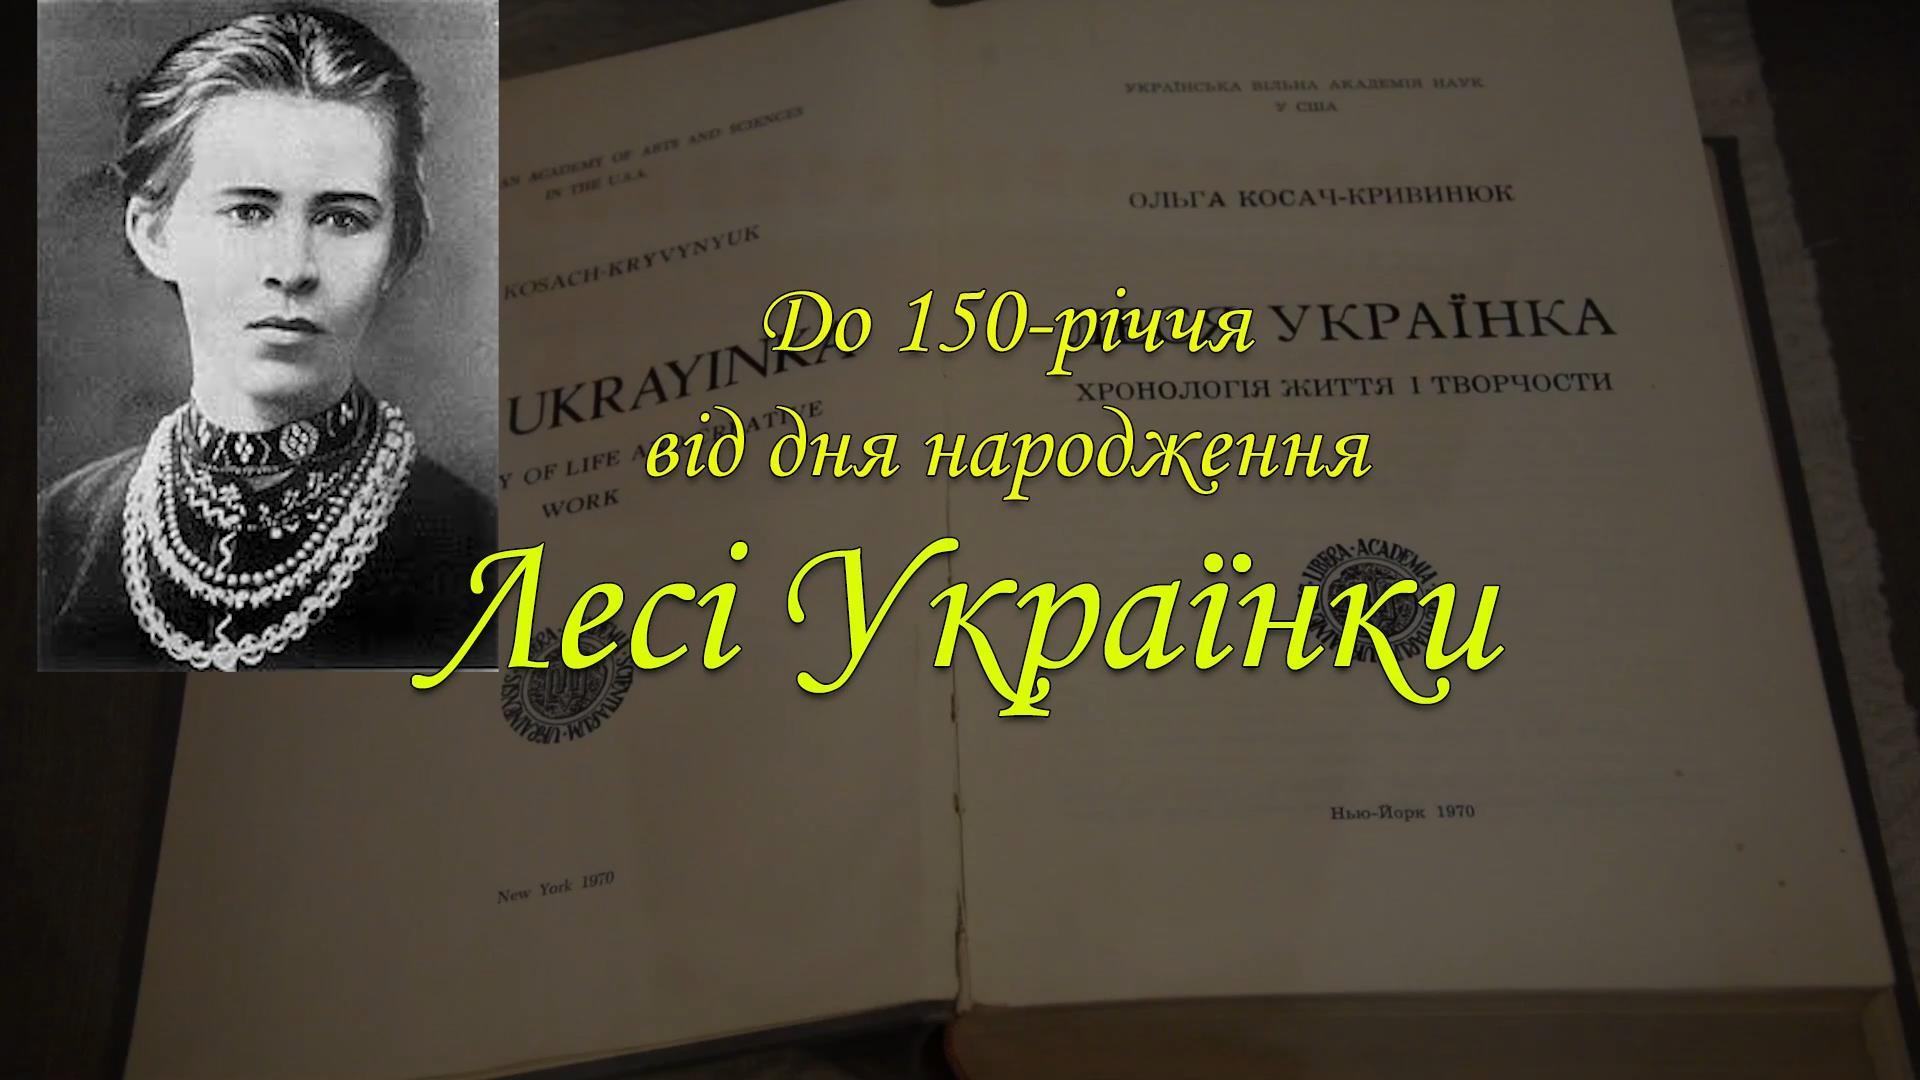 Прикордонники Луцького загону читали Лесині вірші та виконали музичну композицію